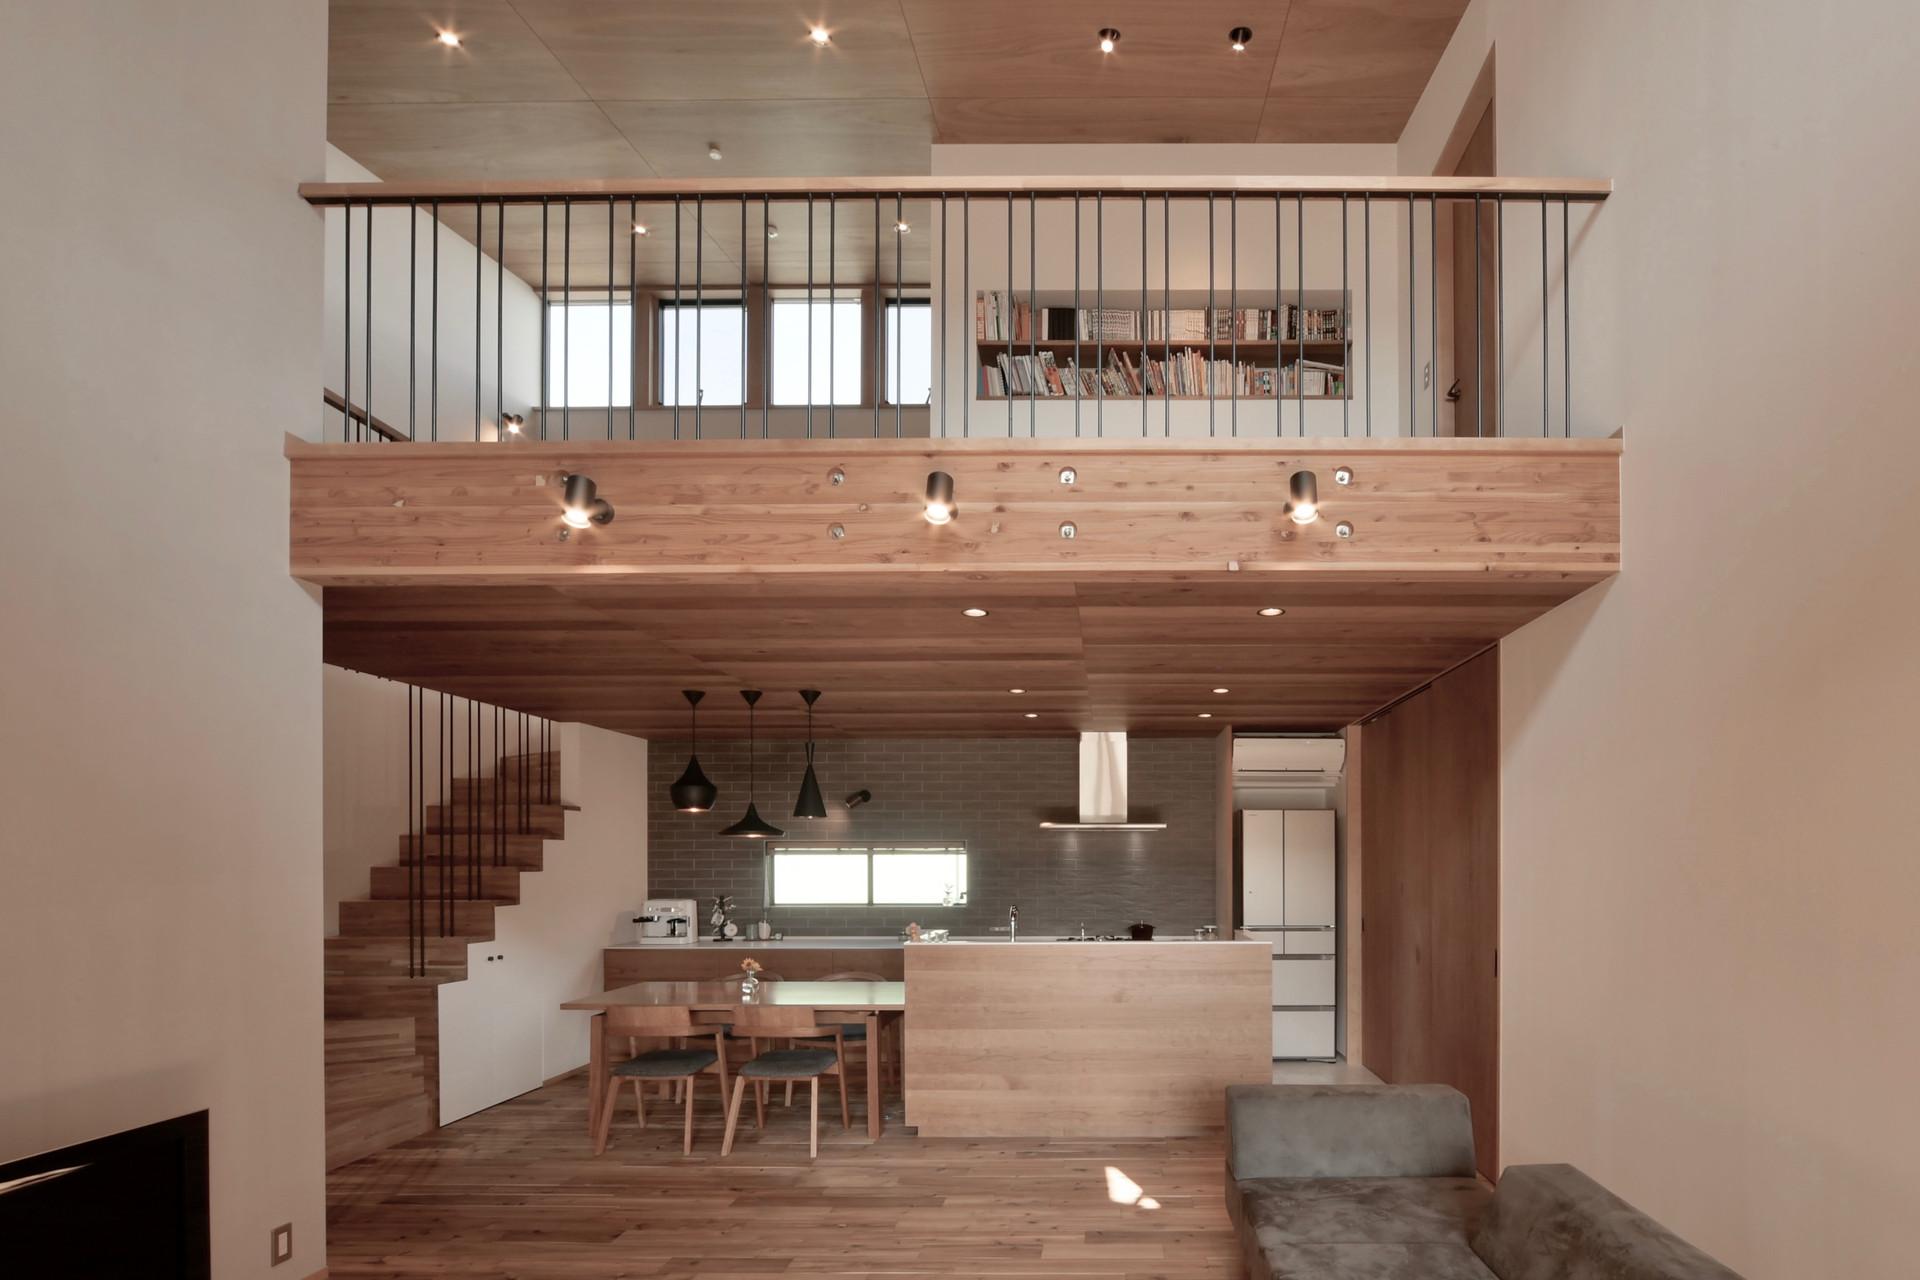 House in Toyoyama